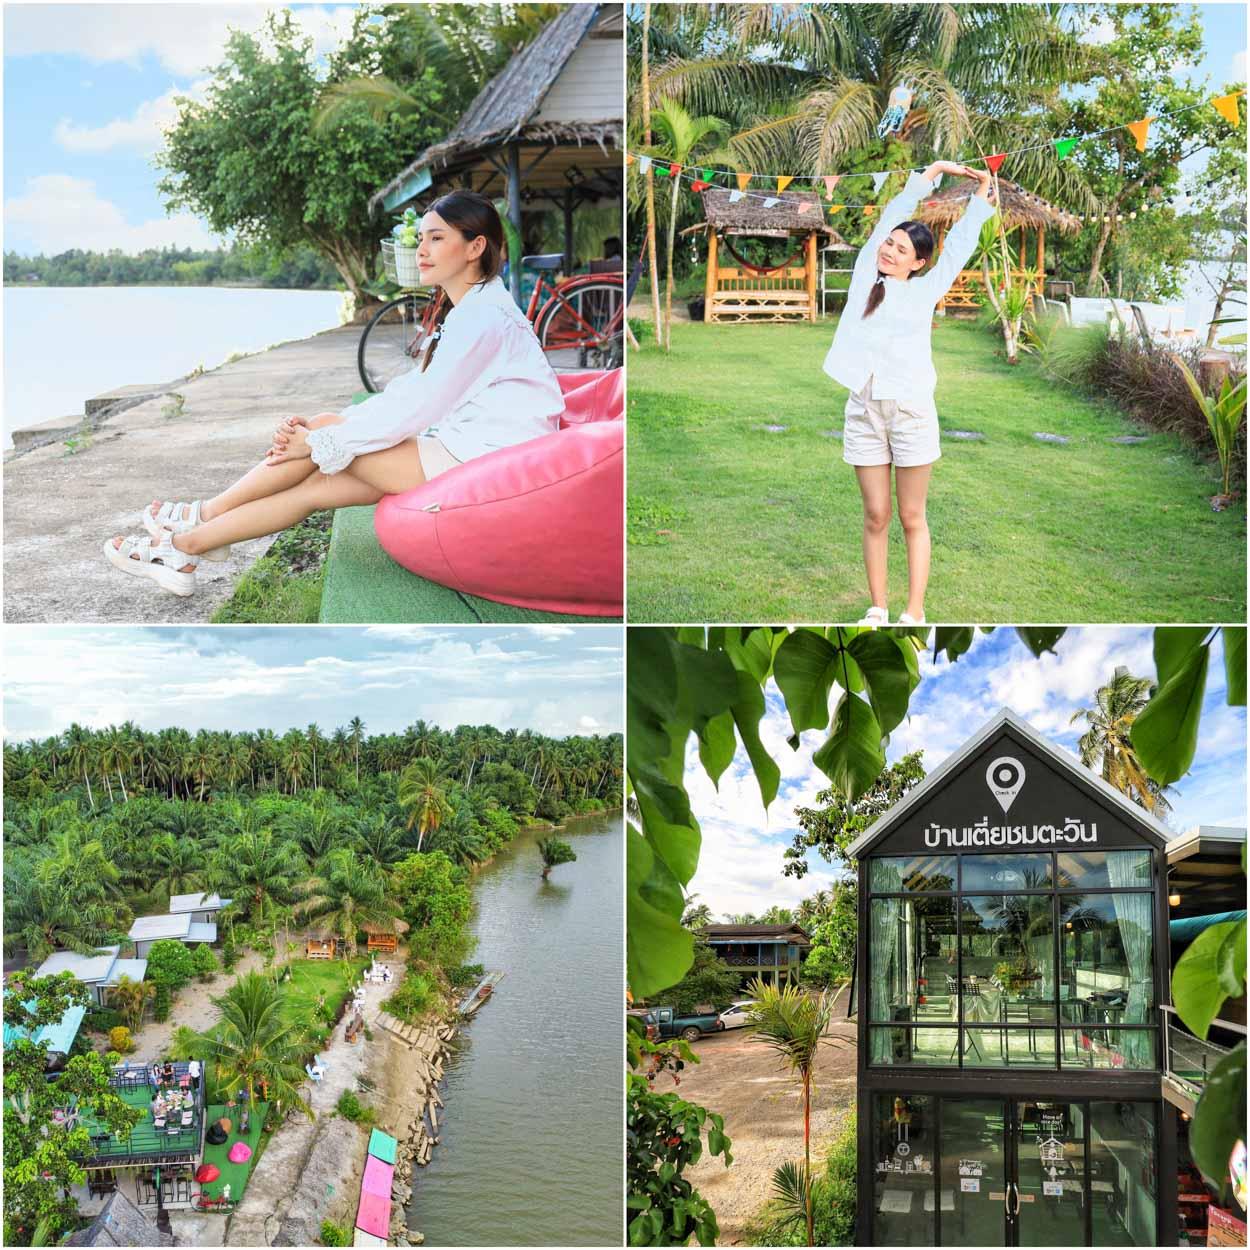 ร้านอาหารบ้านเตี่ยชมตะวัน Baan Tia Chom Tawan at Suratthani จุดเช็คอินชมอาทิตย์ตก ริมแม่น้ำตาปี